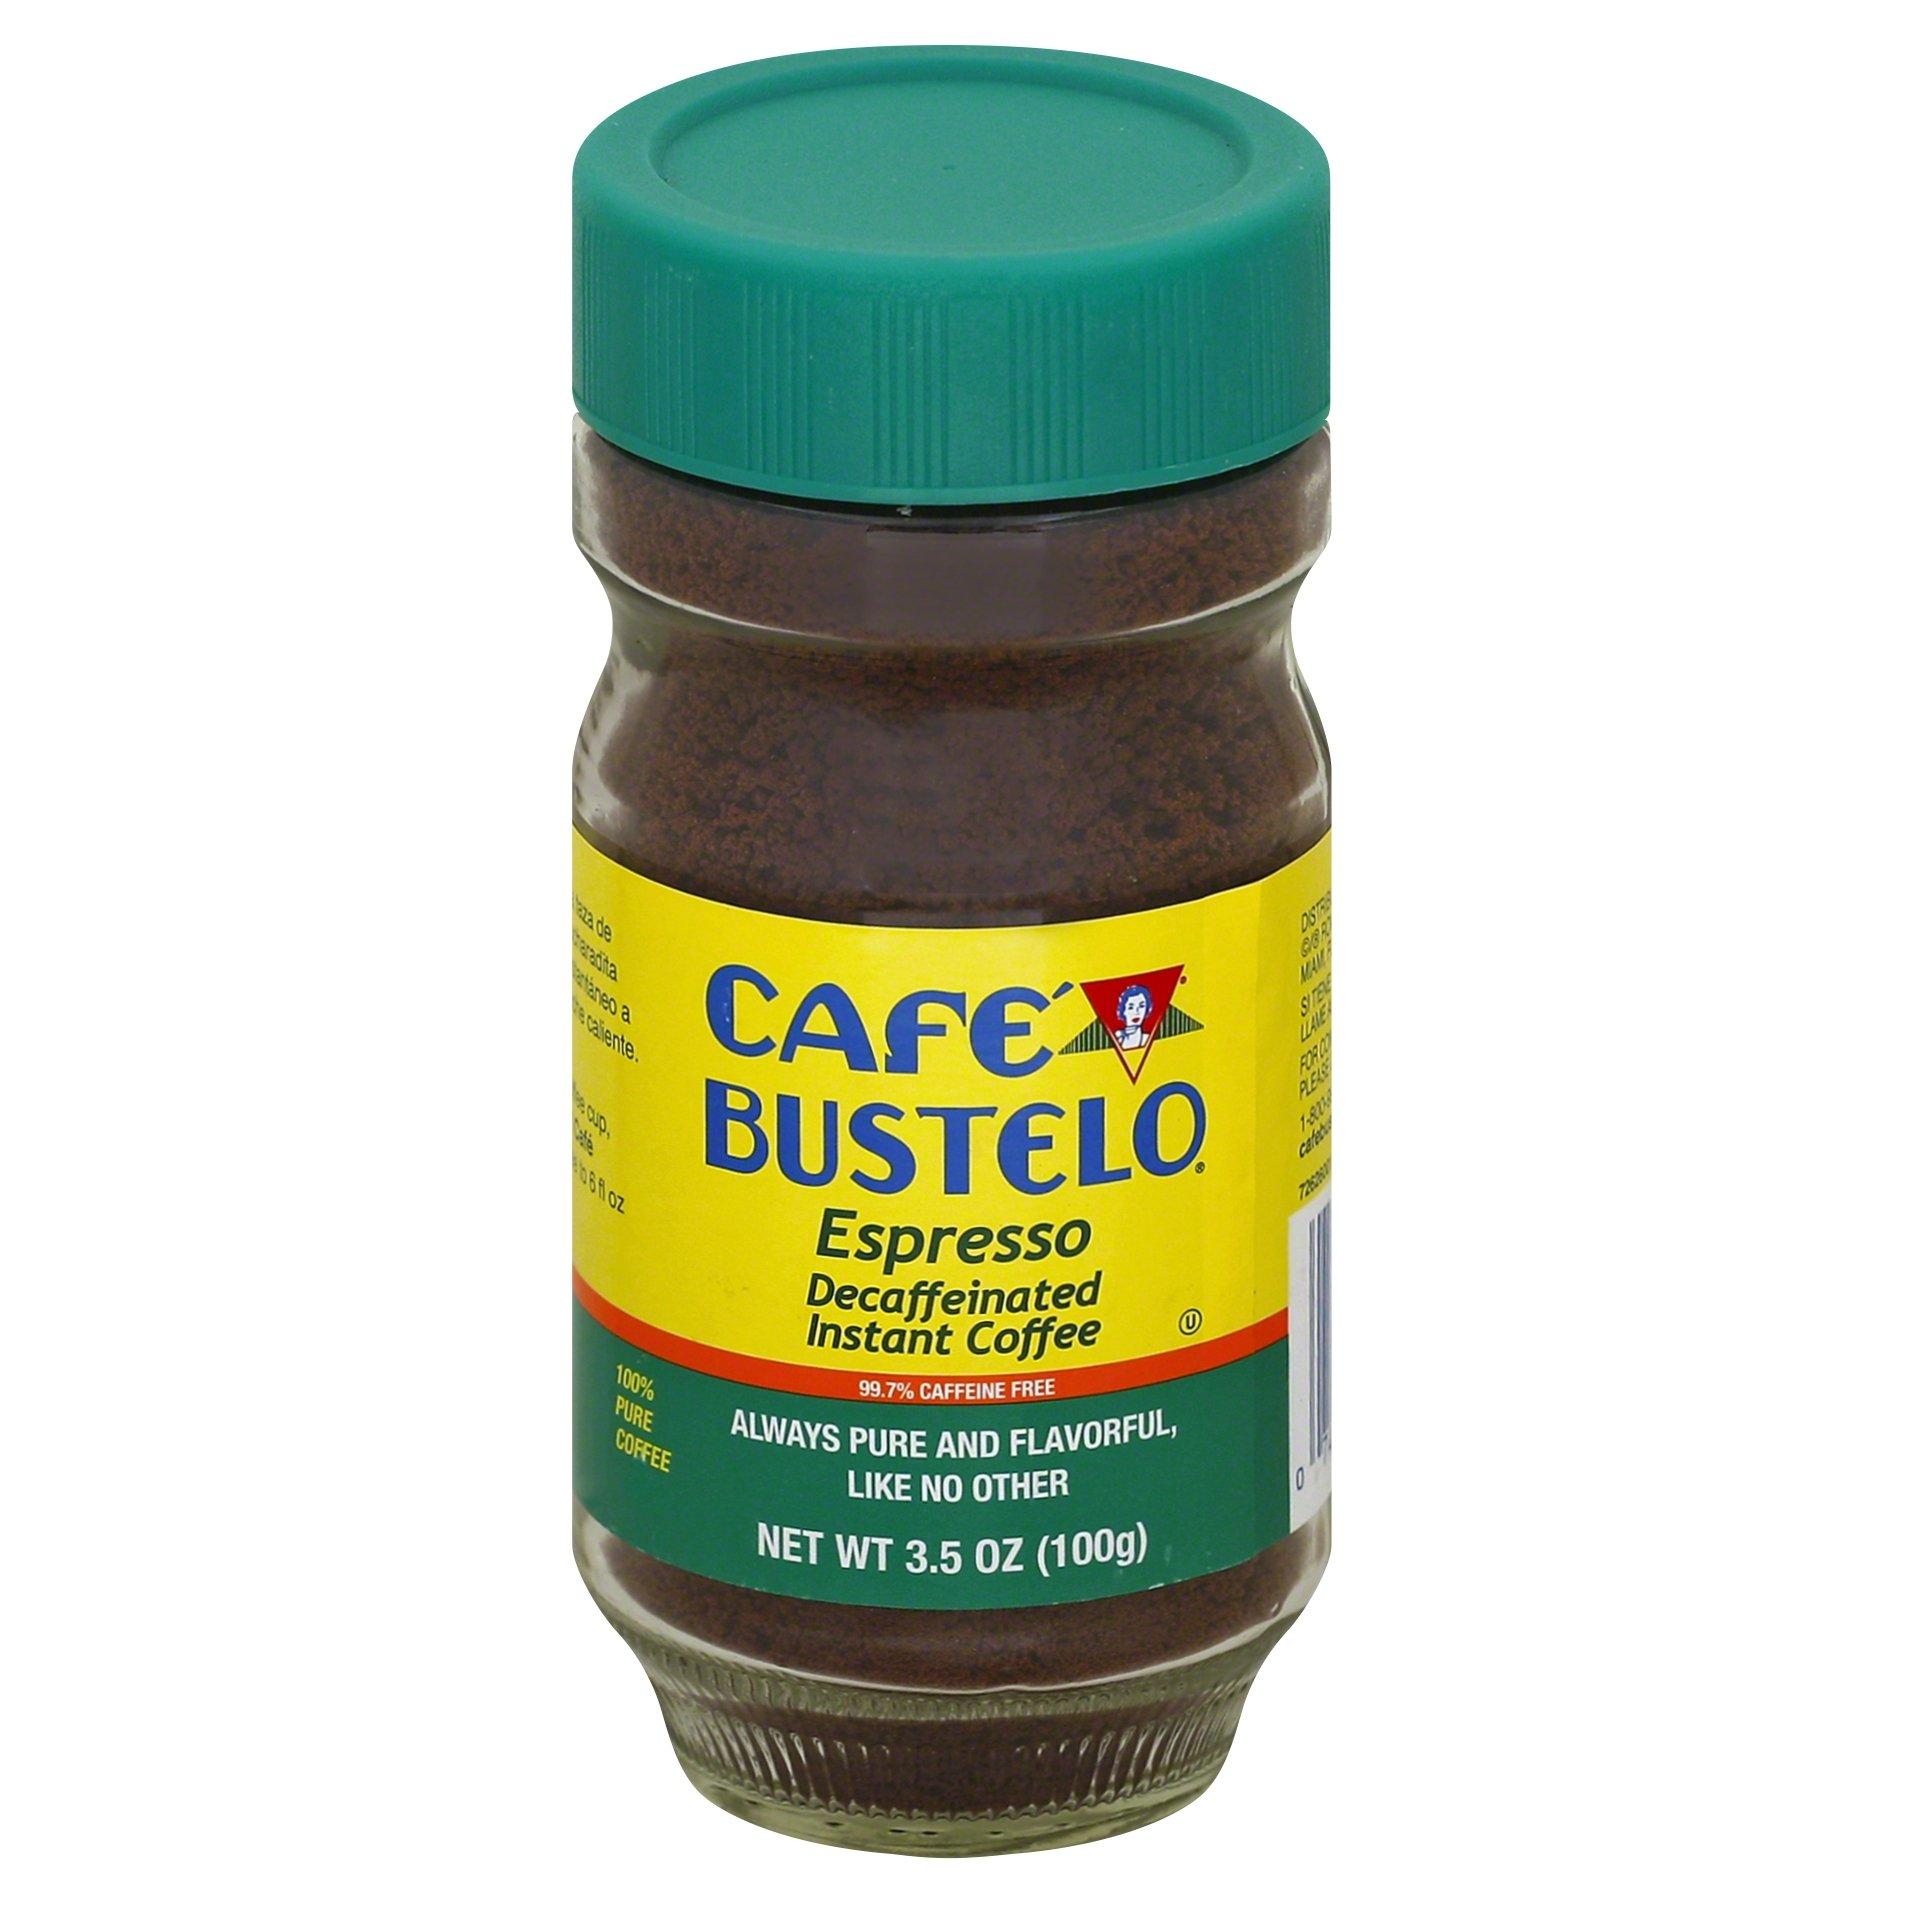 Café Bustelo Decaffeinated Instant Espresso 97 % Caffeine Free, 3.5-Ounce Jars (Pack of 4)